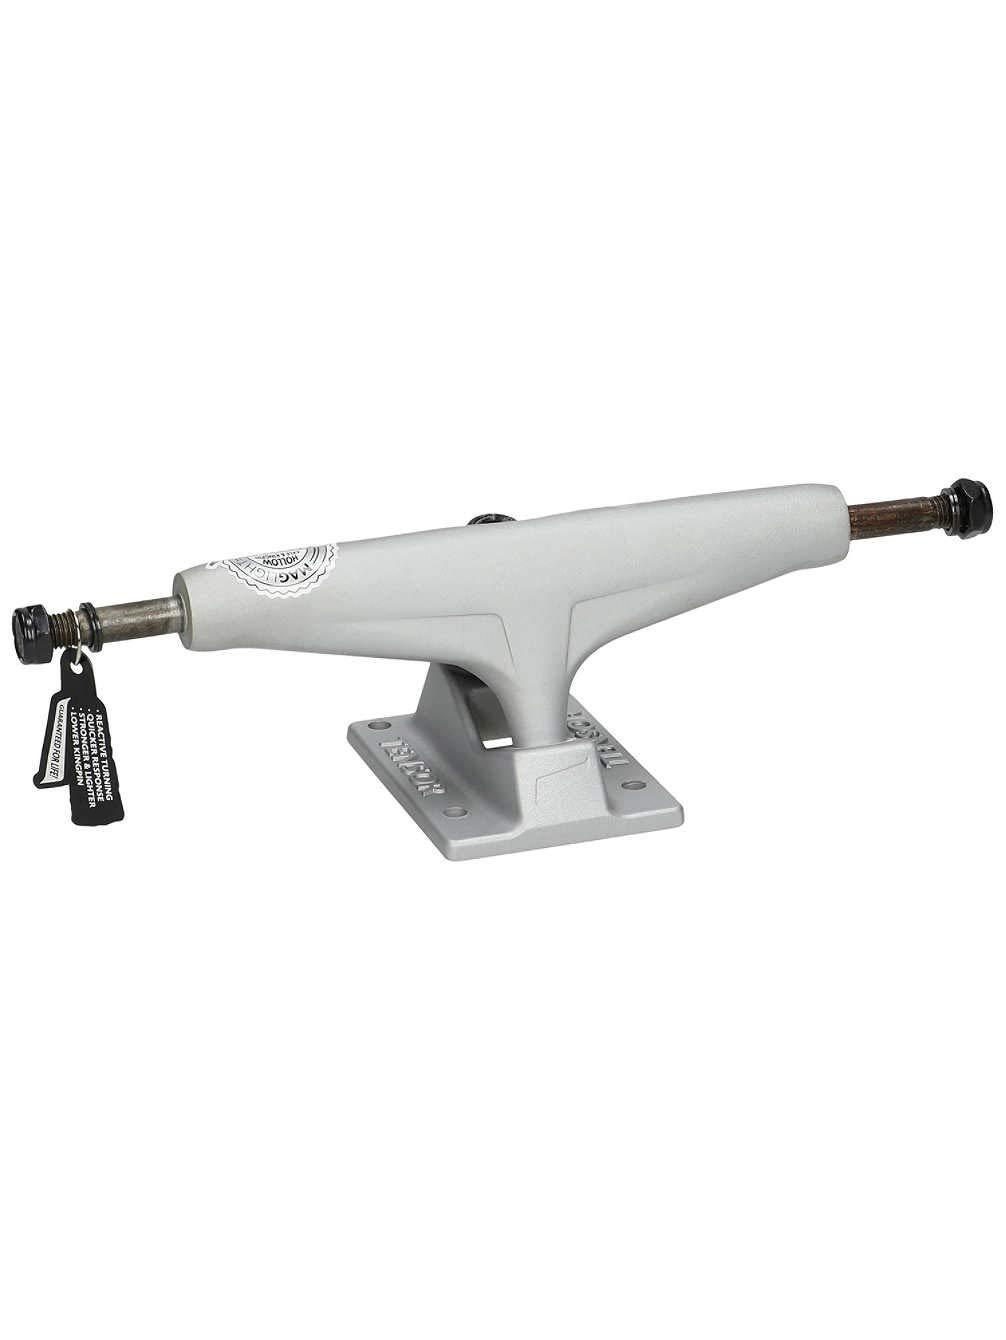 Tensor Mag Light スケートボードトラック - シルバー - 5.75   B07BS45R6P